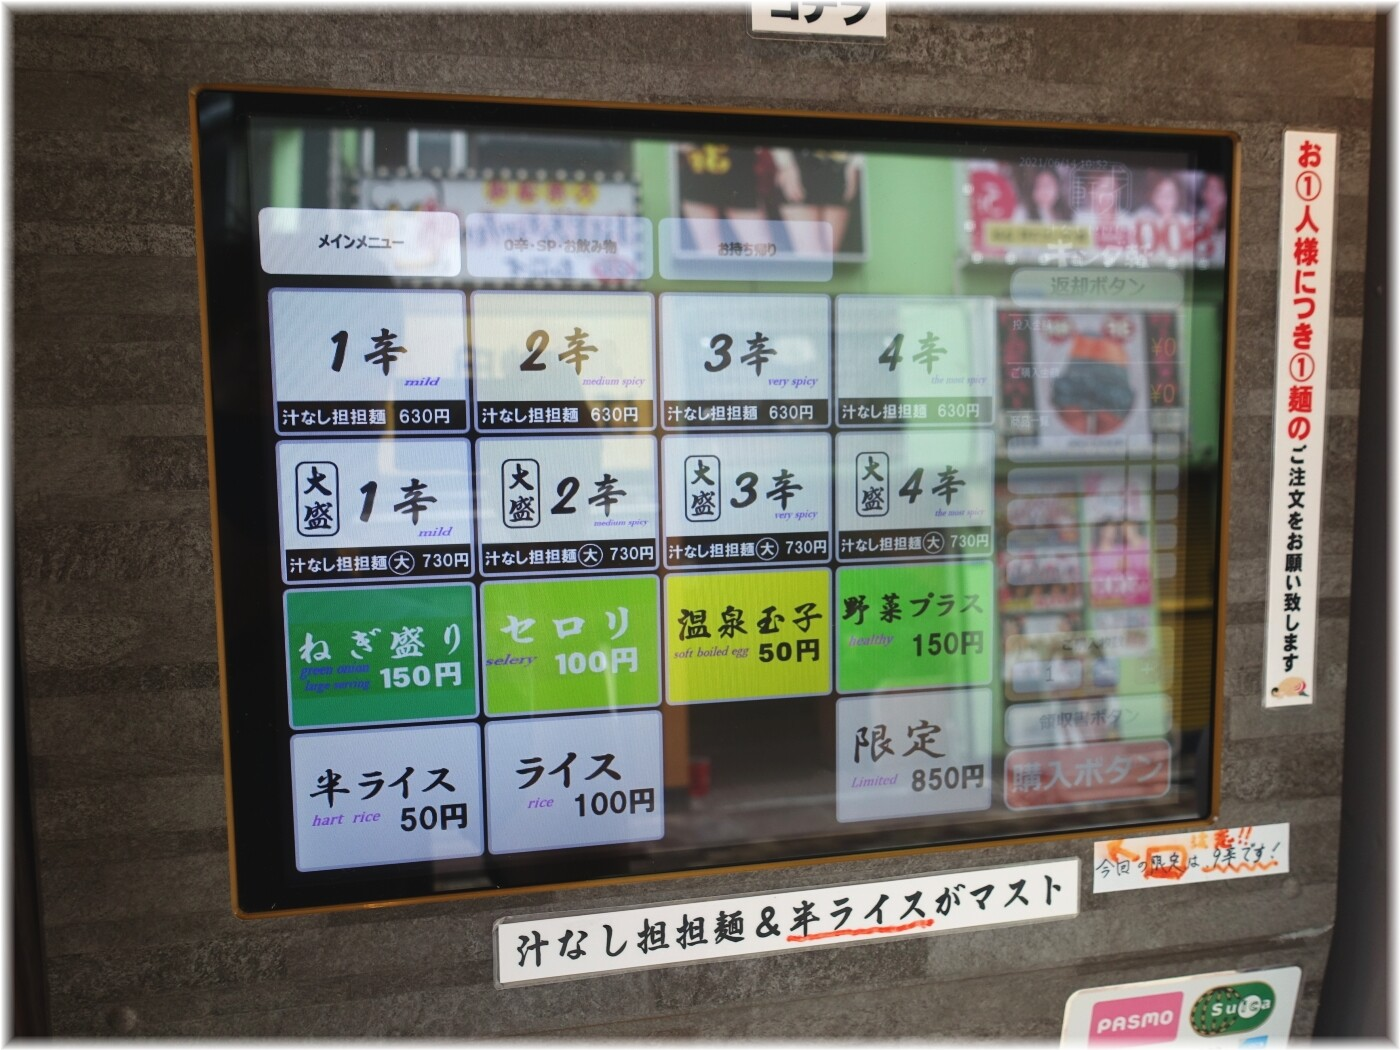 キング軒神田スタンド Suica対応食券機2